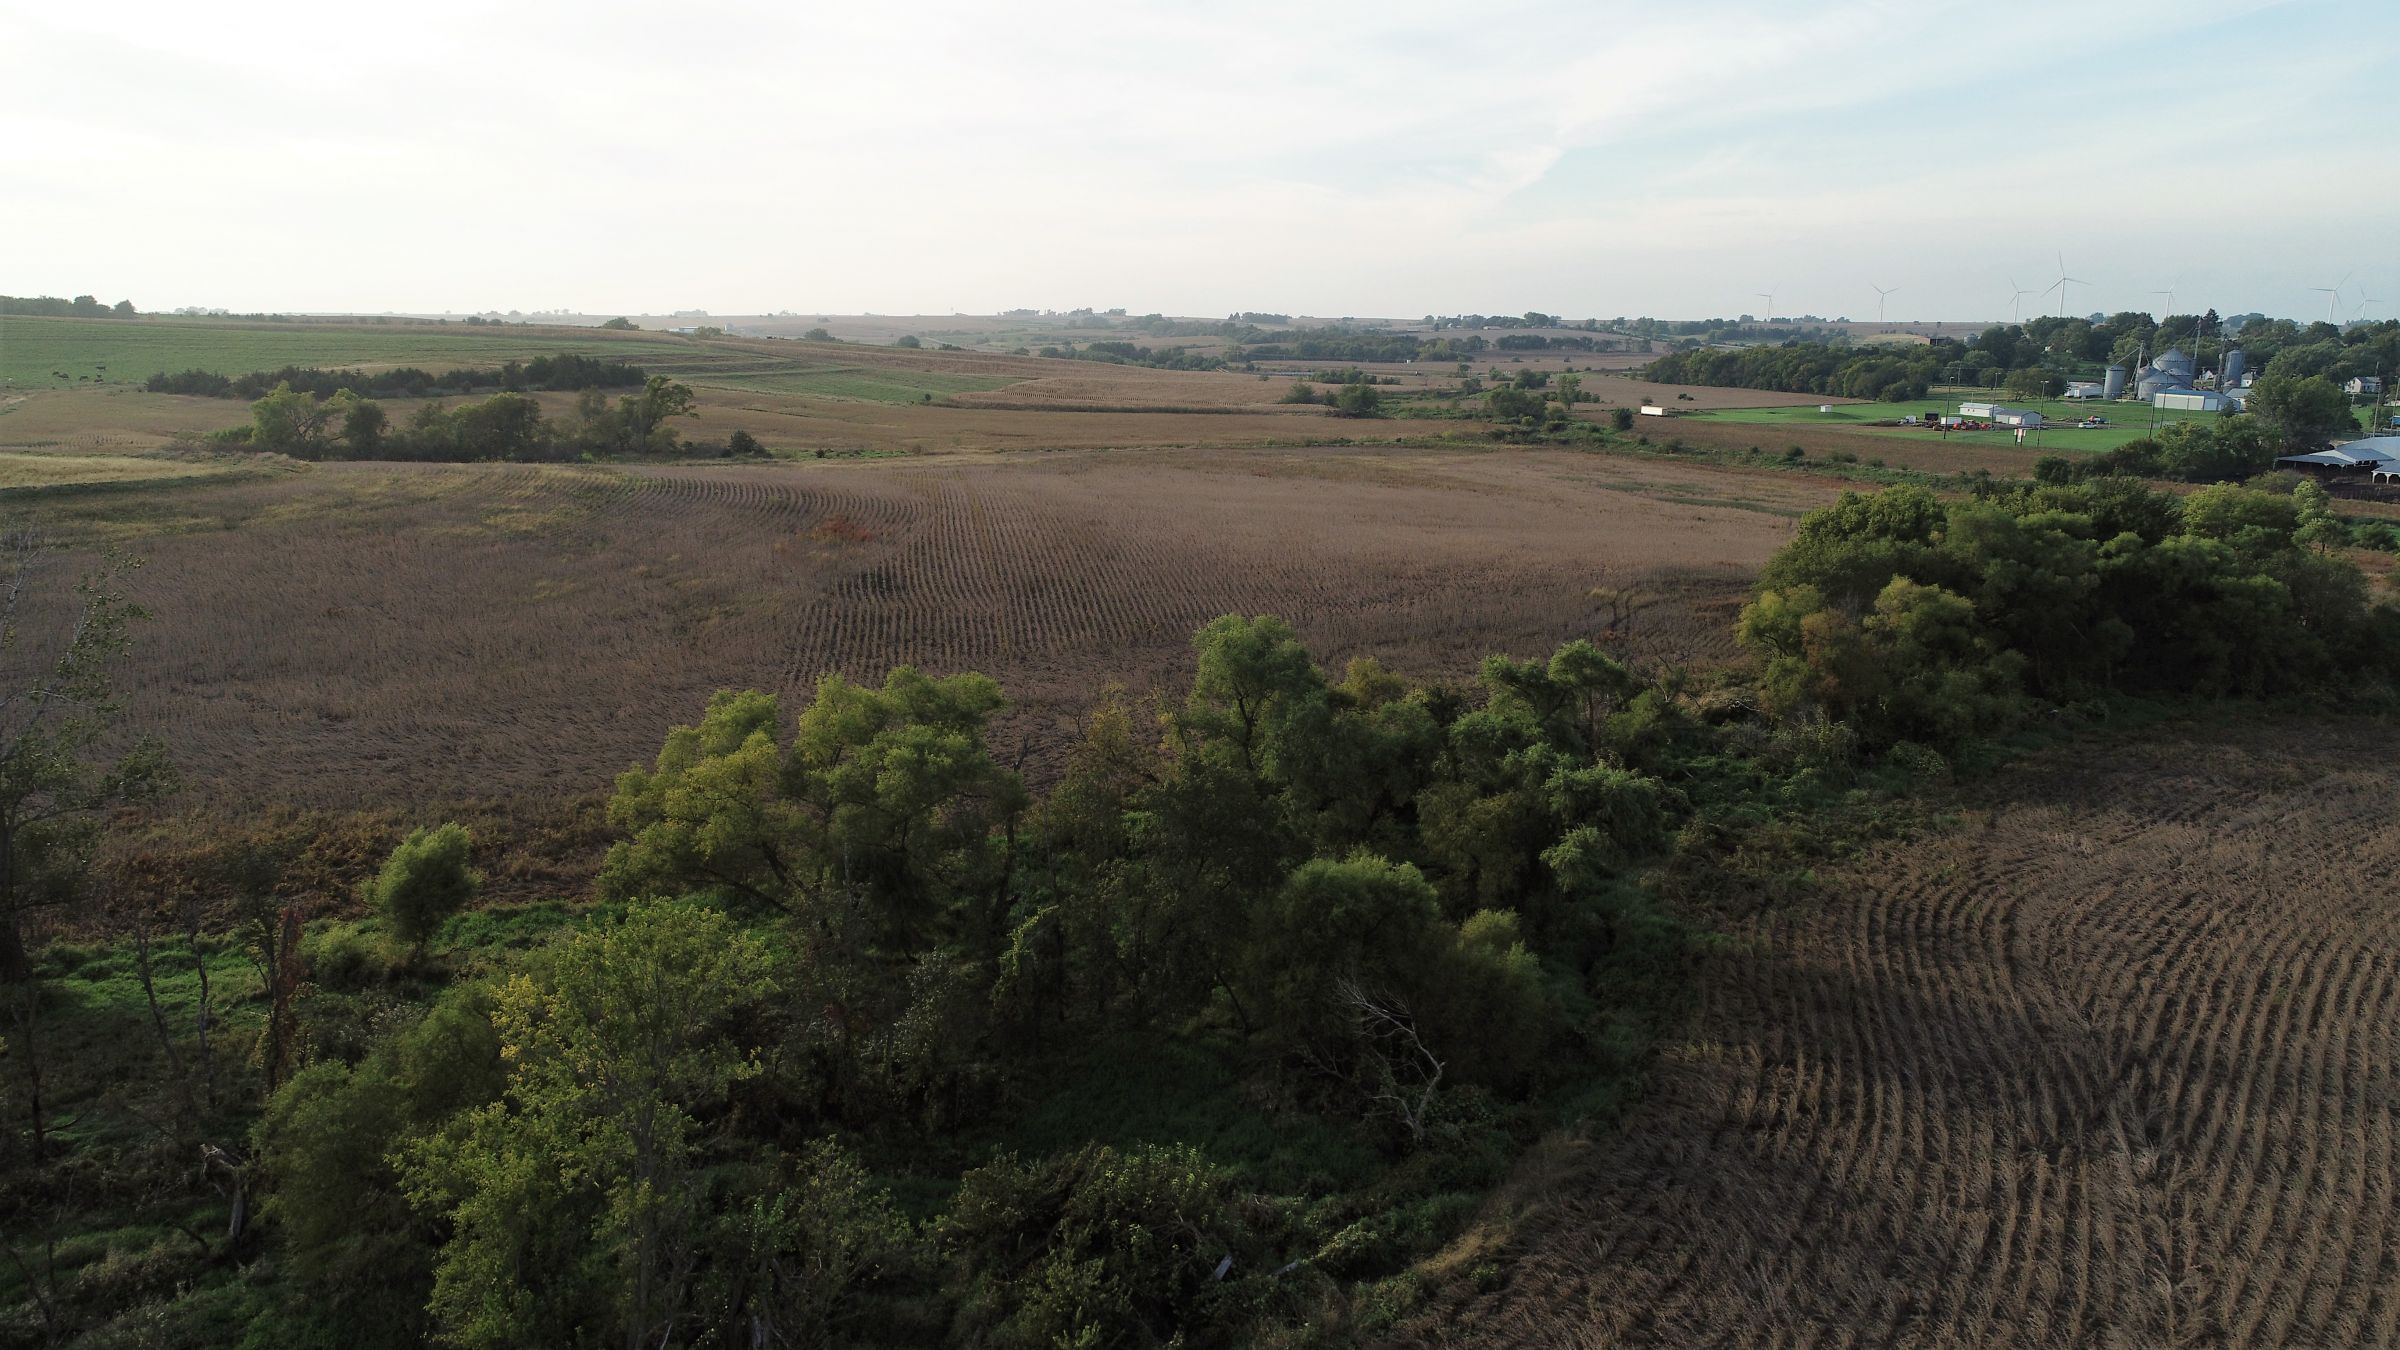 Cass County Iowa Farmland Photo 3